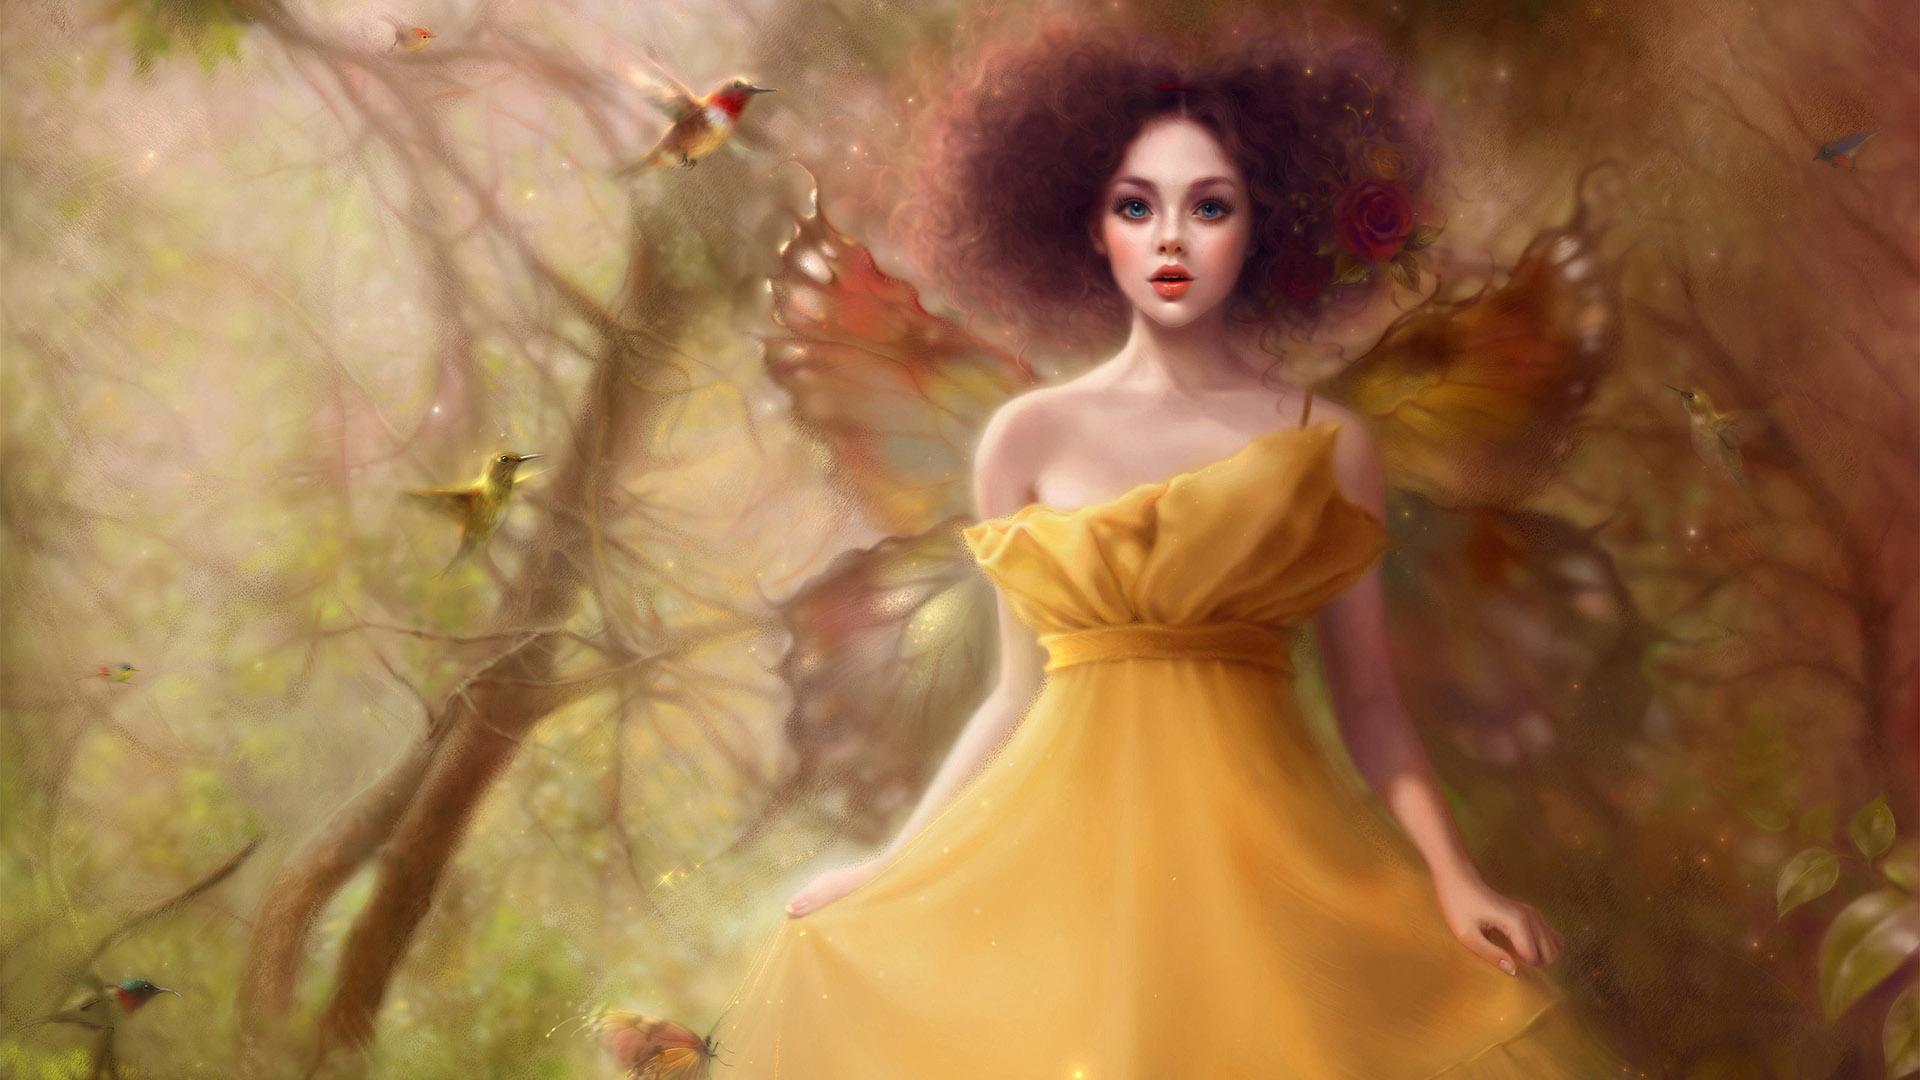 Princess Wallpaper Cute Pattern Butterfly Fairy Hd Desktop Wallpaper Widescreen High